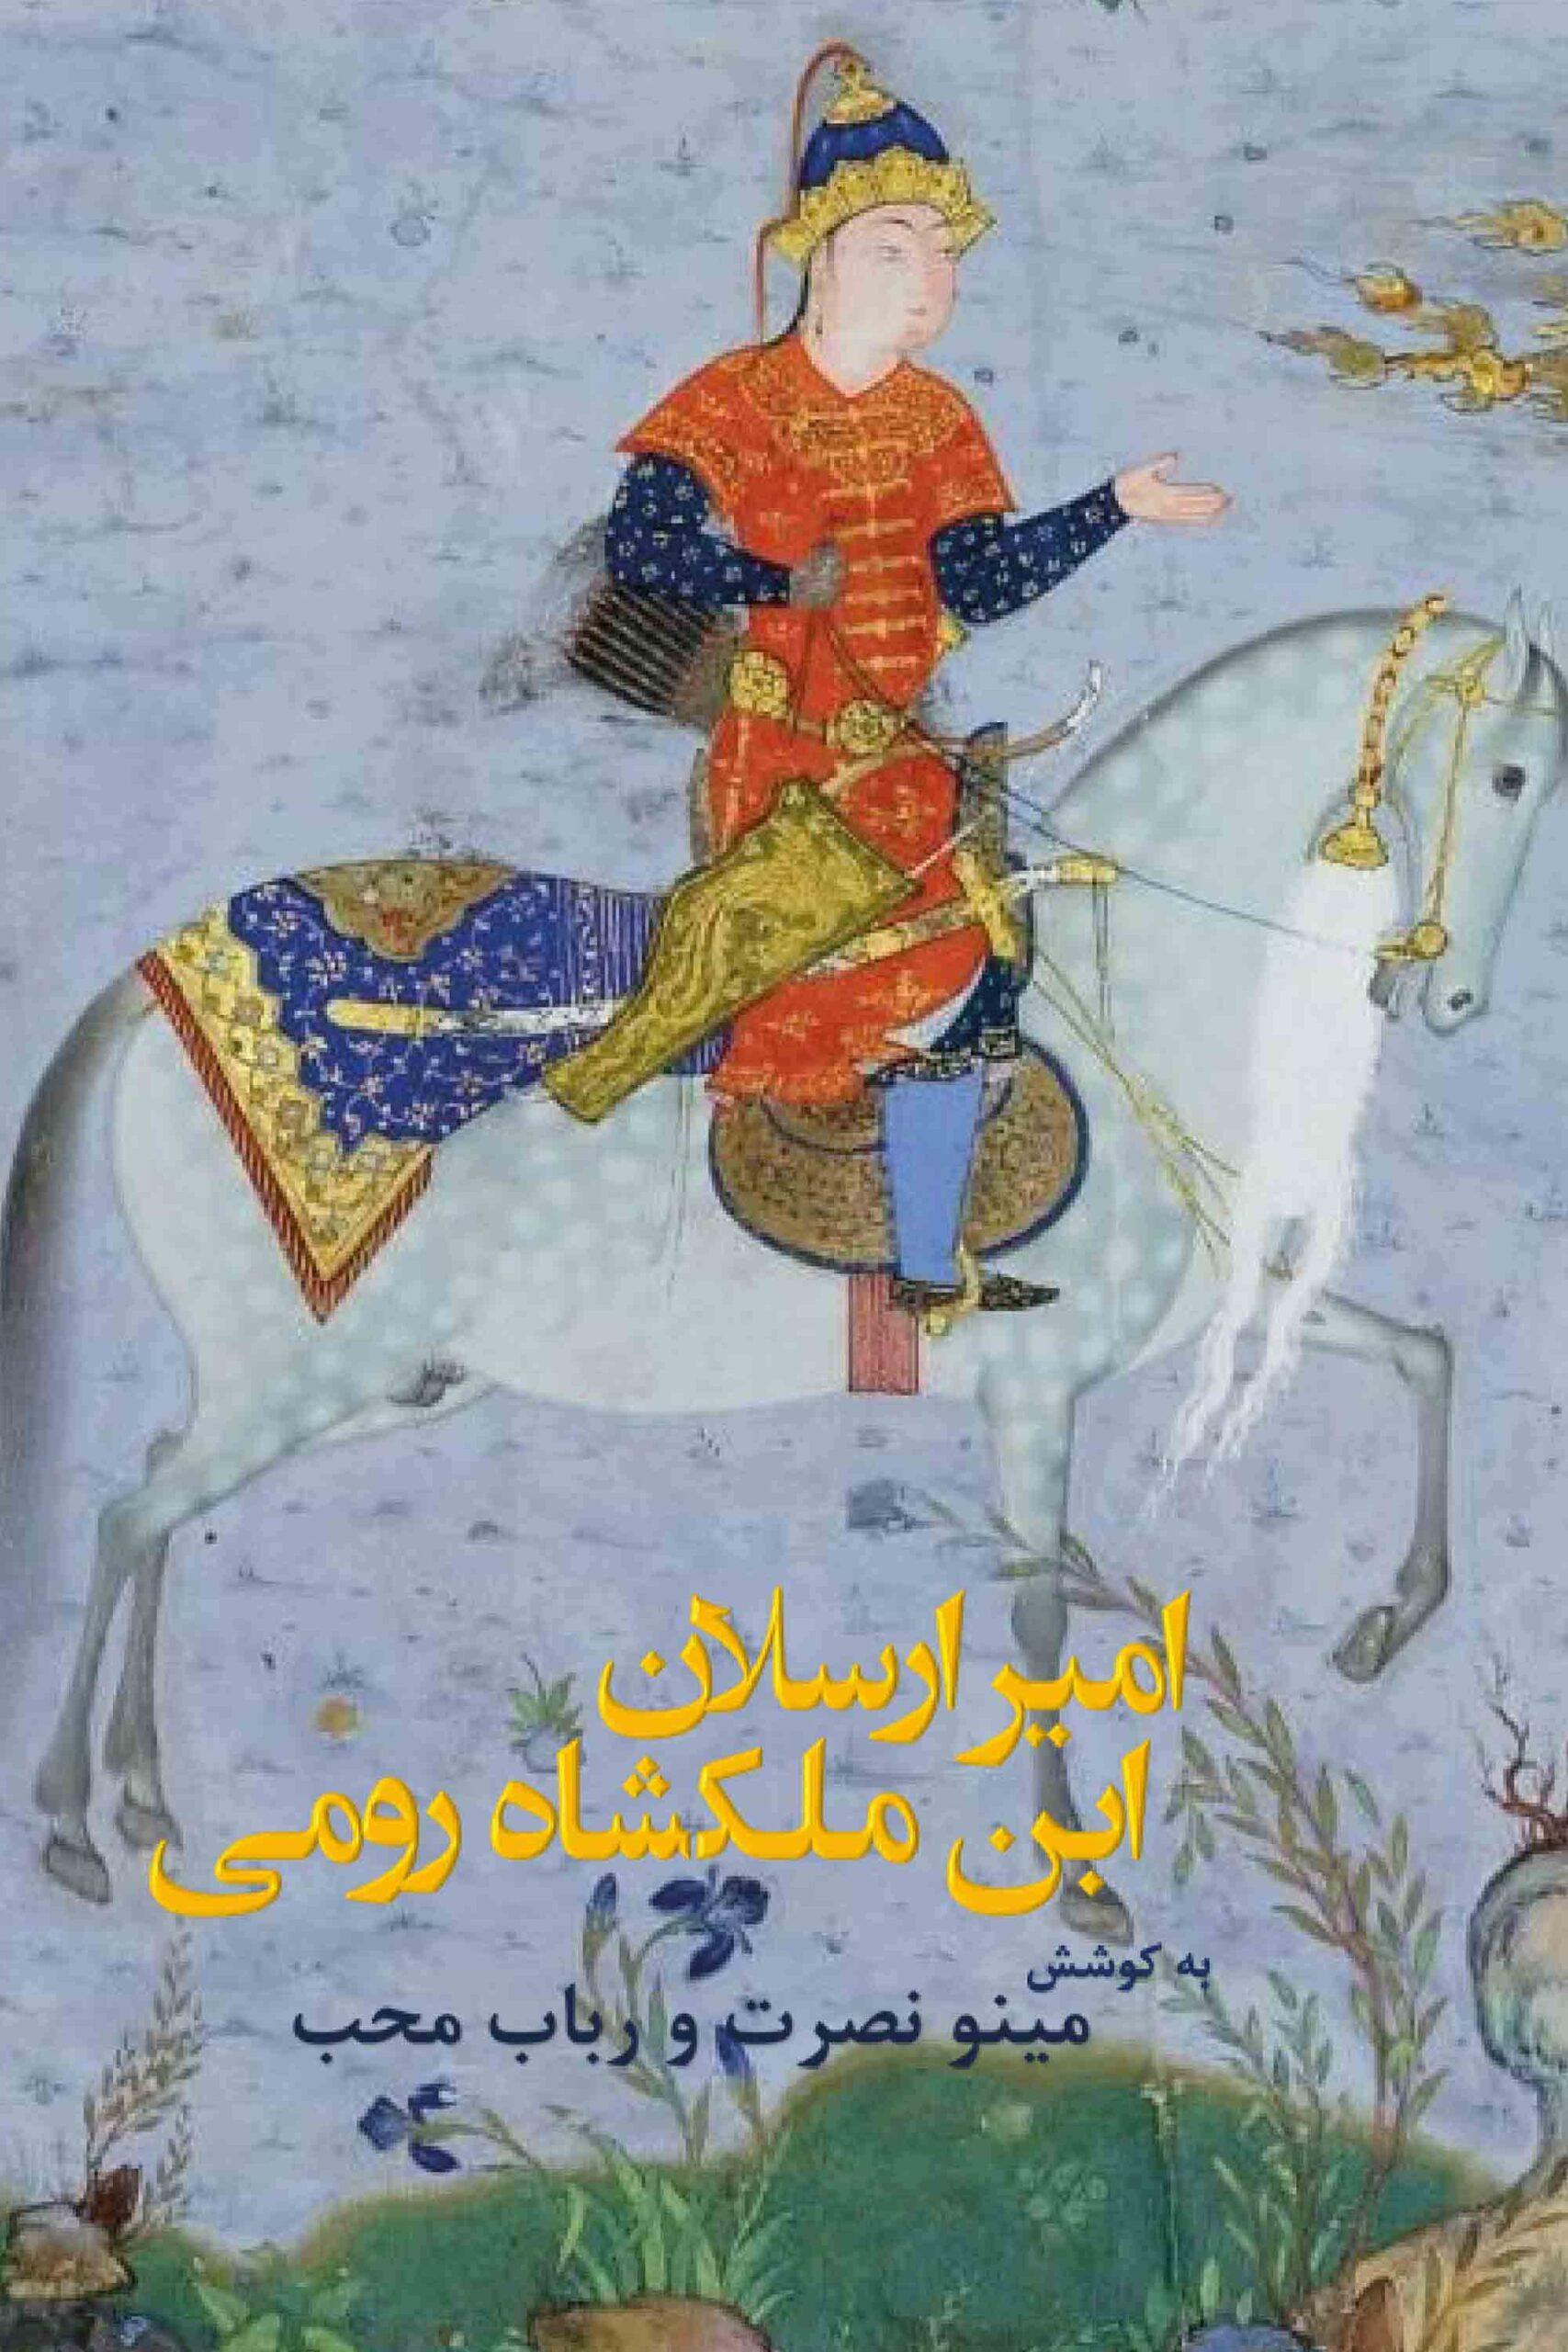 Àmir-Àrsàlân-Ibn Màlàkshâh Roumi